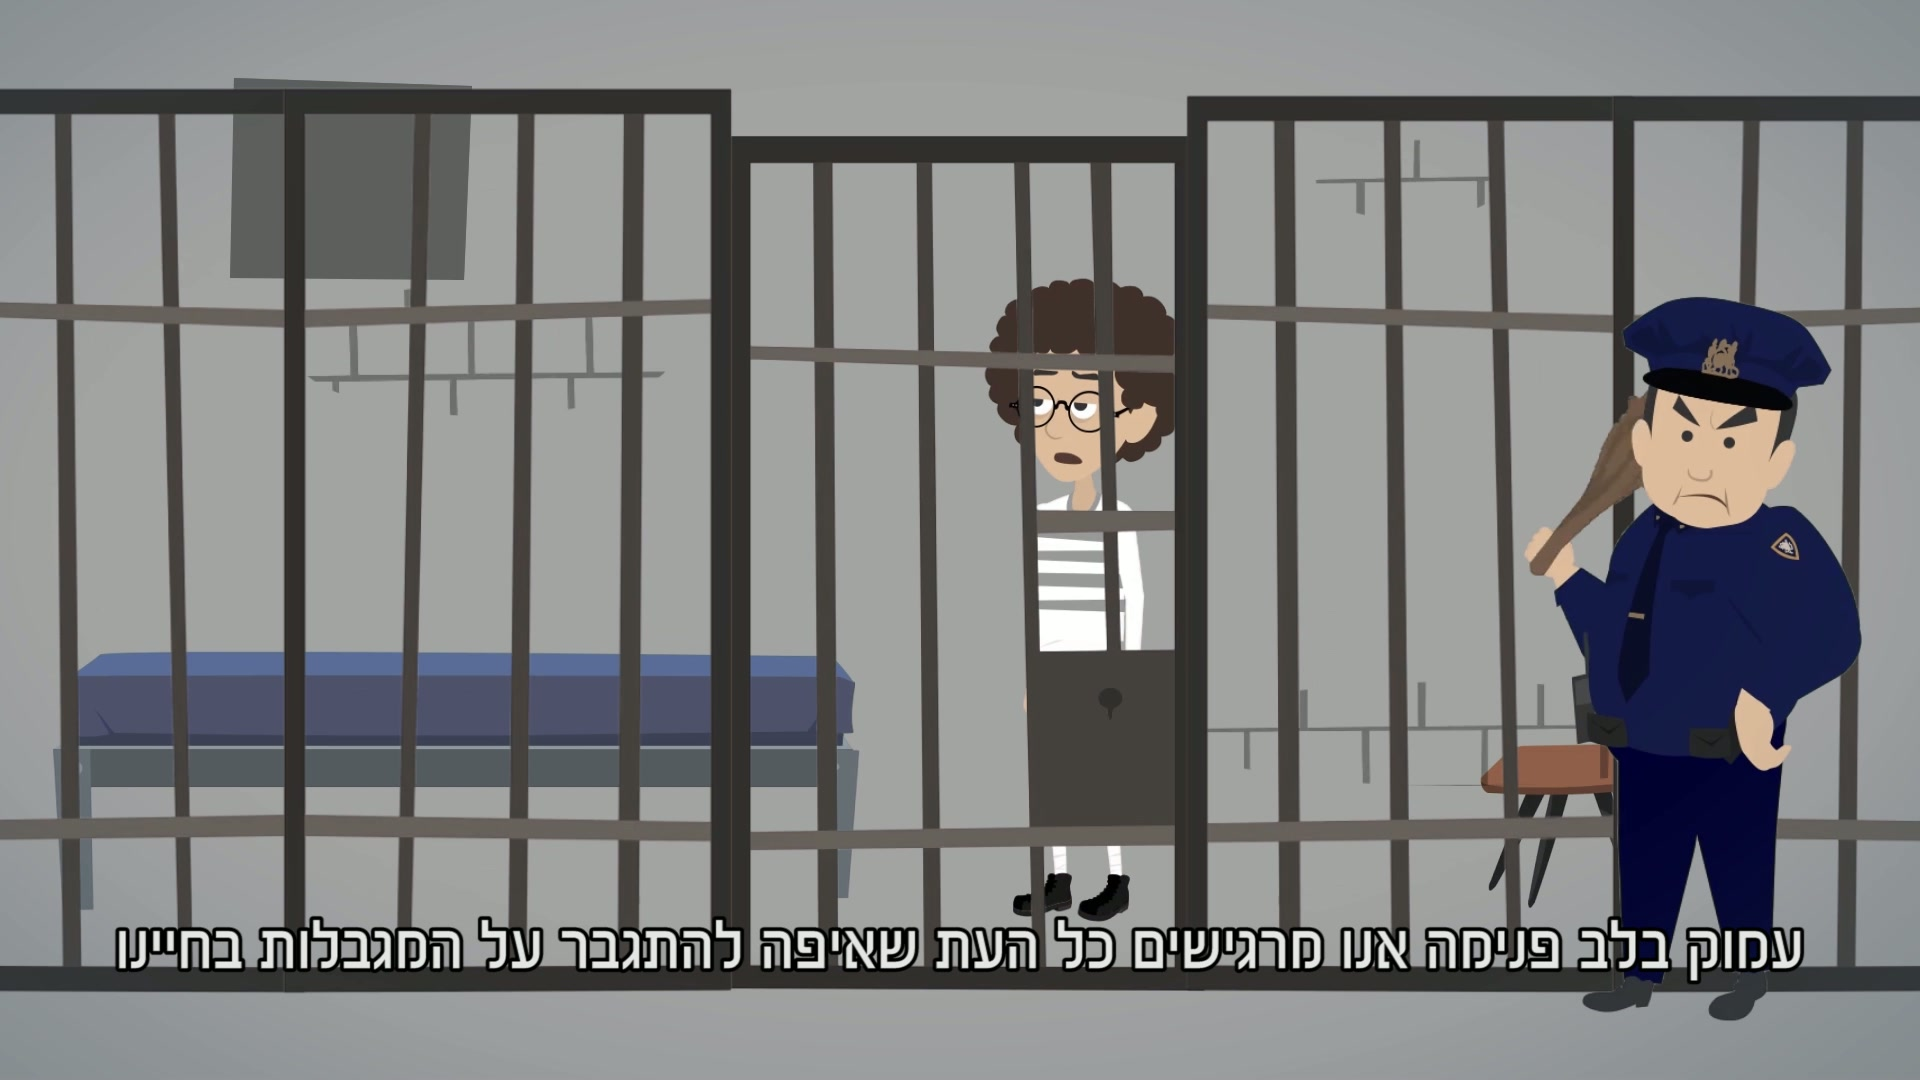 """יסודות האמונה - """"תשובה"""" - סרטון אנימציה"""